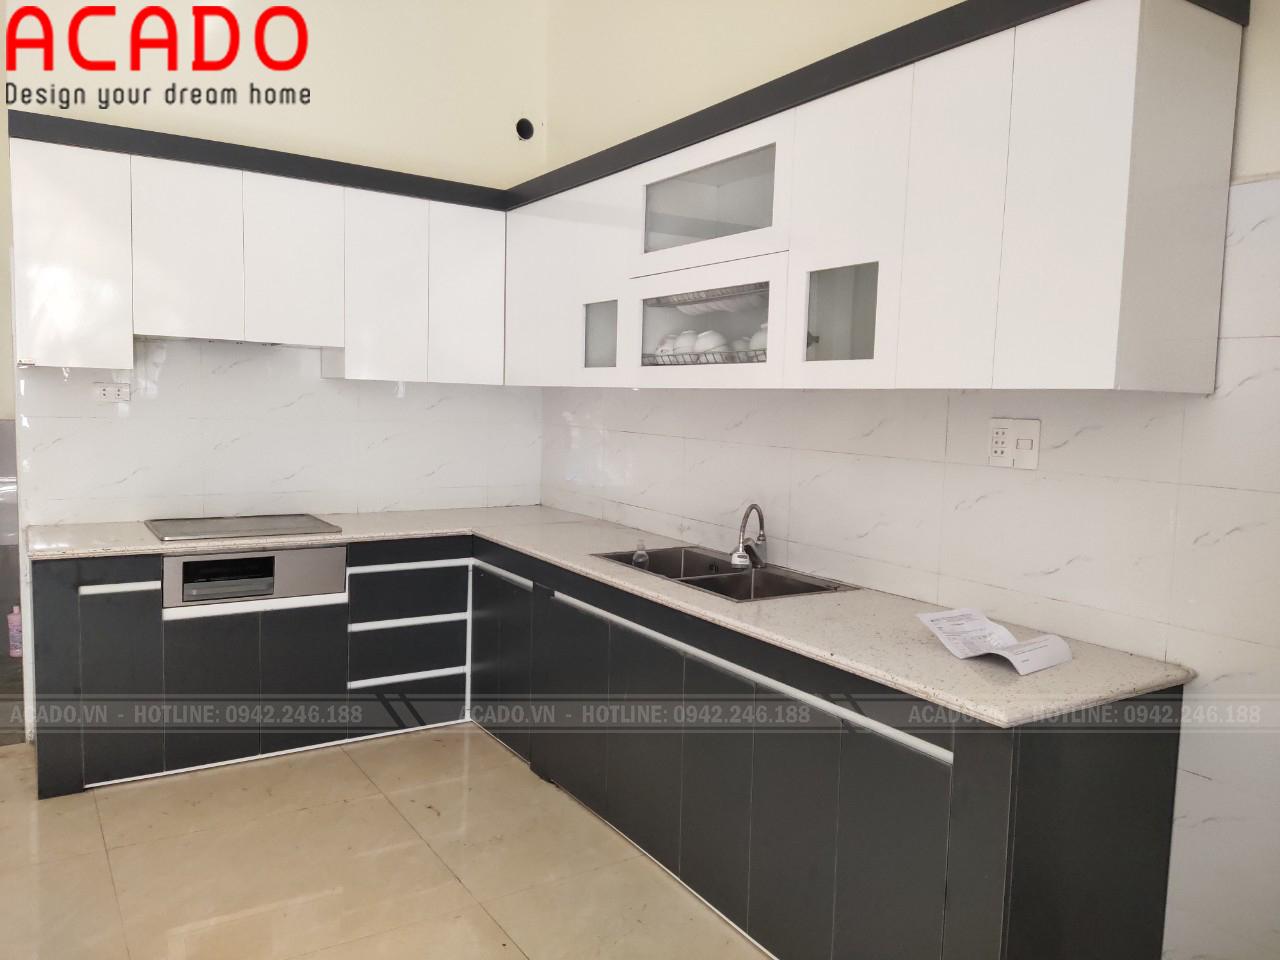 Nội thất ACADO địa chỉ đóng tủ bếp gỗ công nghiệp Melamine uy tín tại Hà Nội